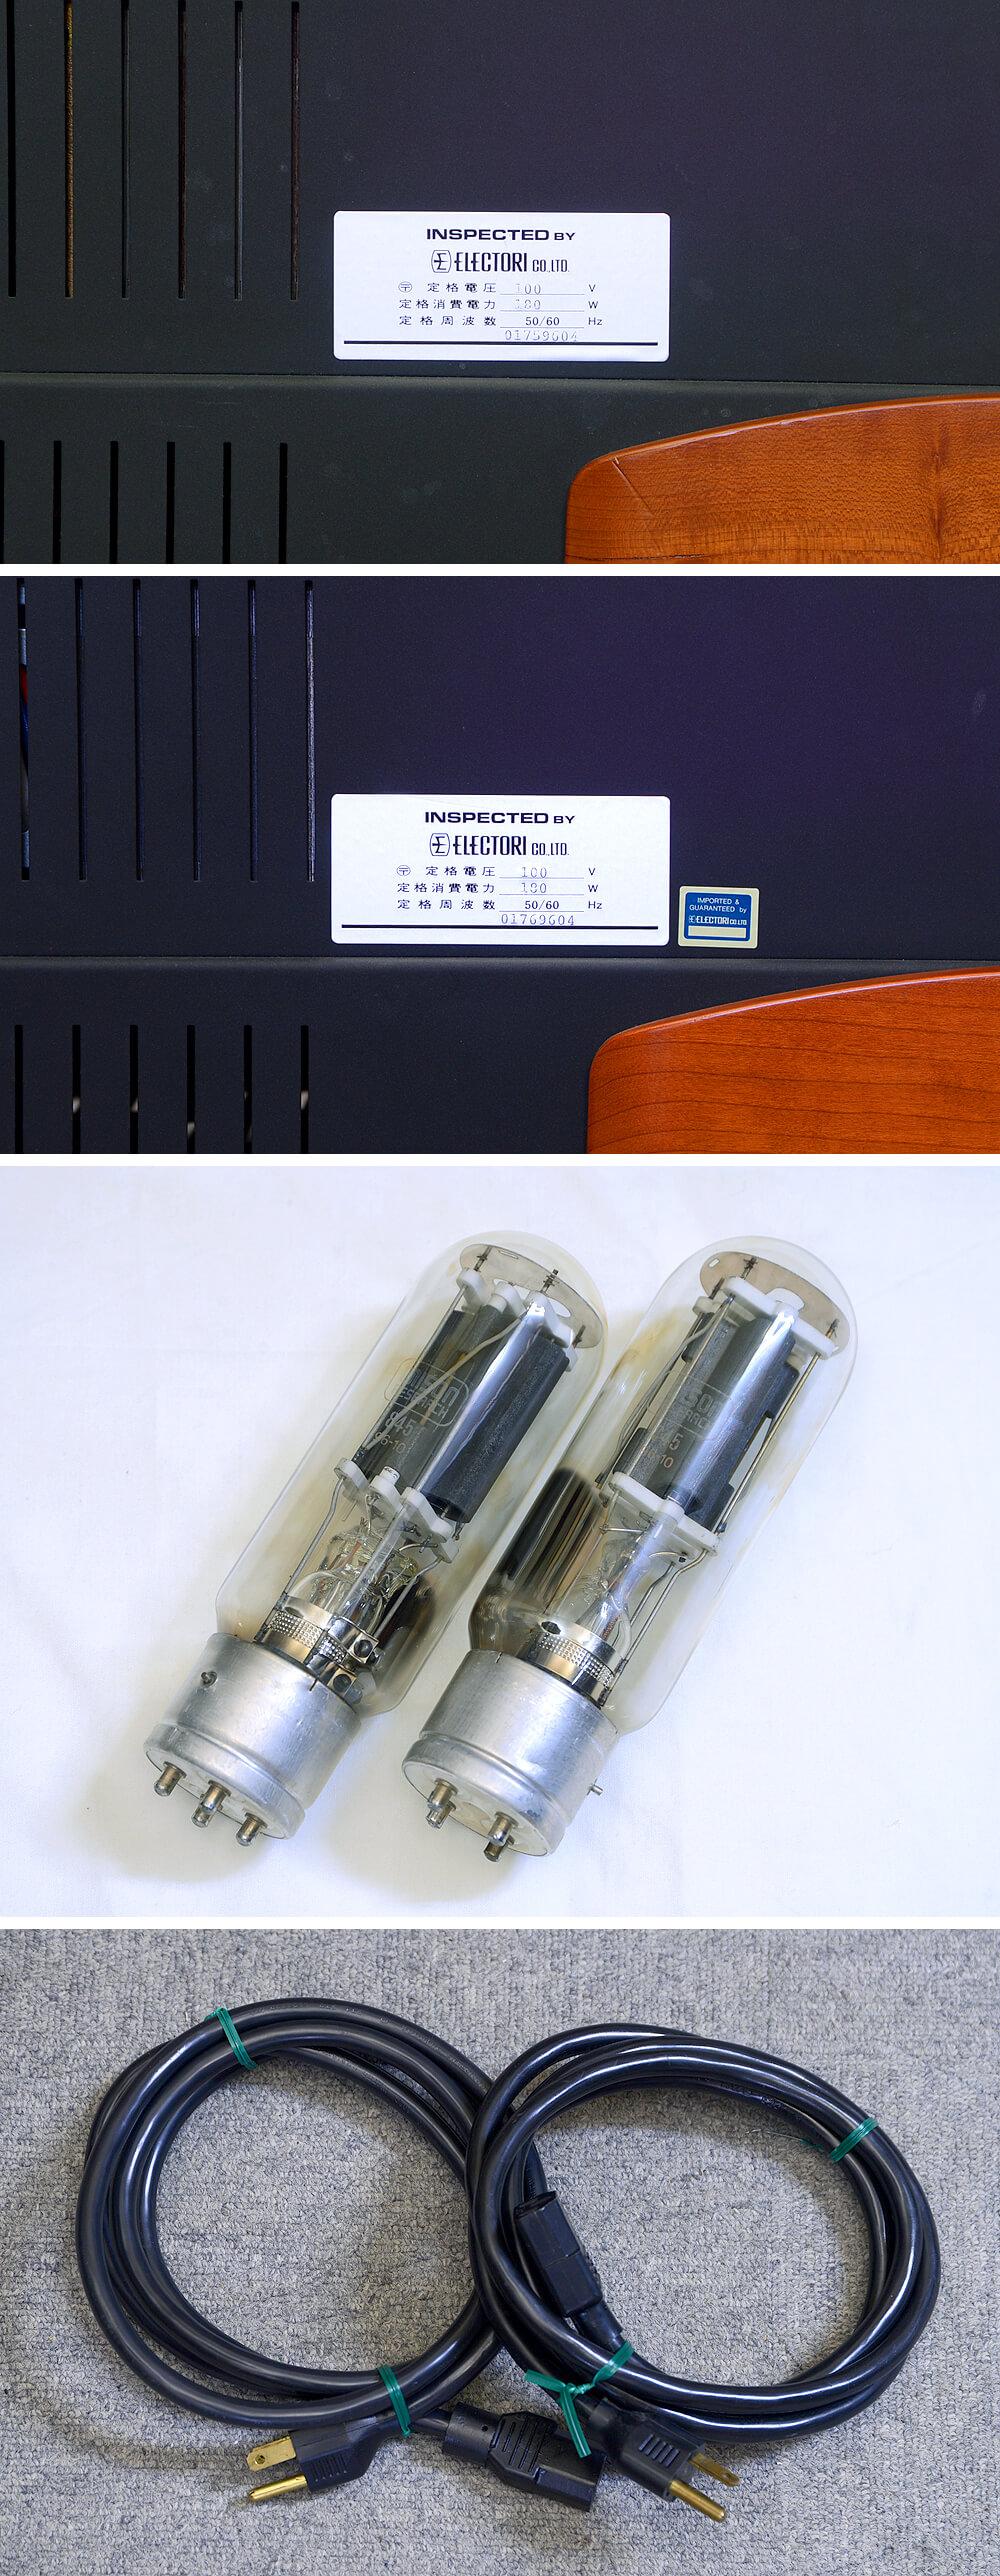 Unison Research ユニゾンリサーチ Smt 845 真空管モノラルパワーアンプ4枚目